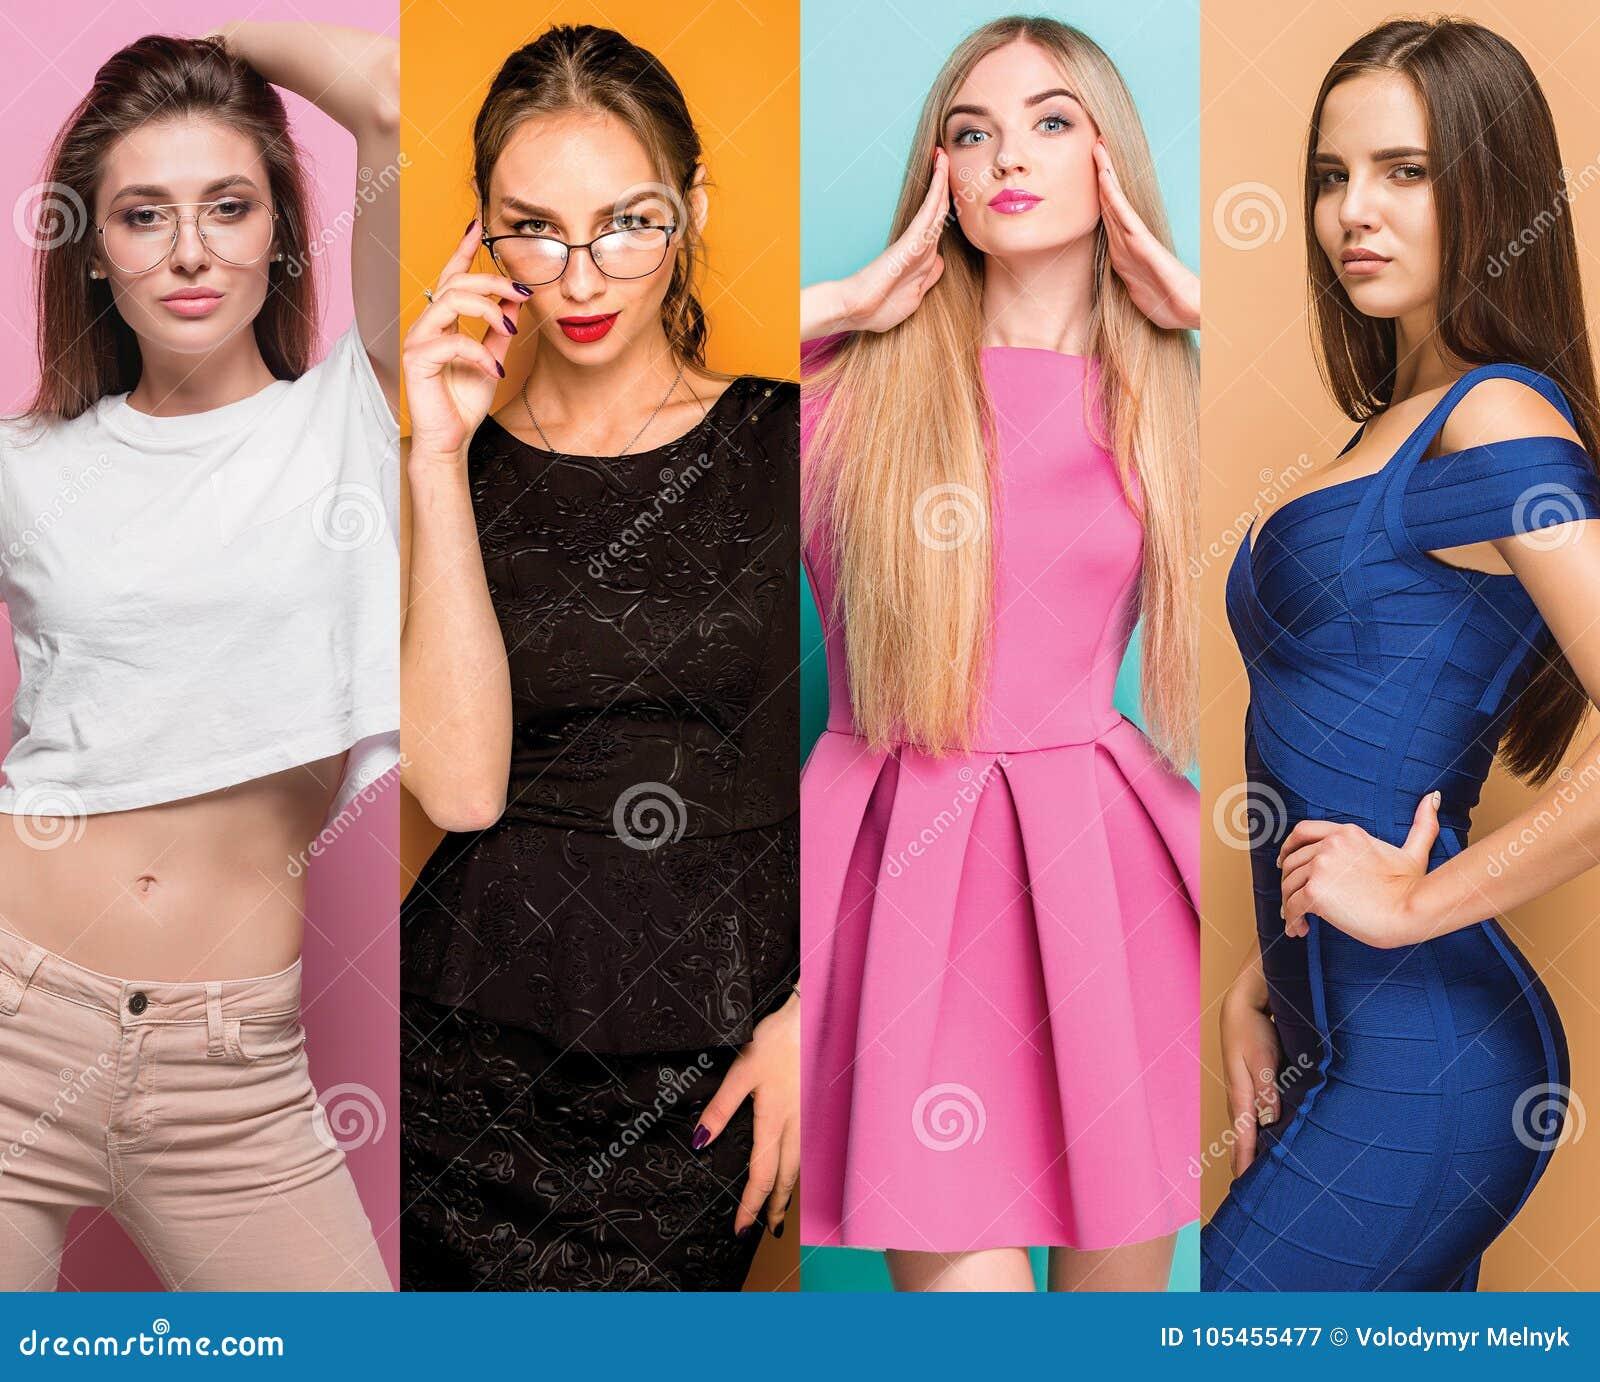 Colagem da forma das imagens de jovens mulheres bonitas Meninas  sexy  bonitas